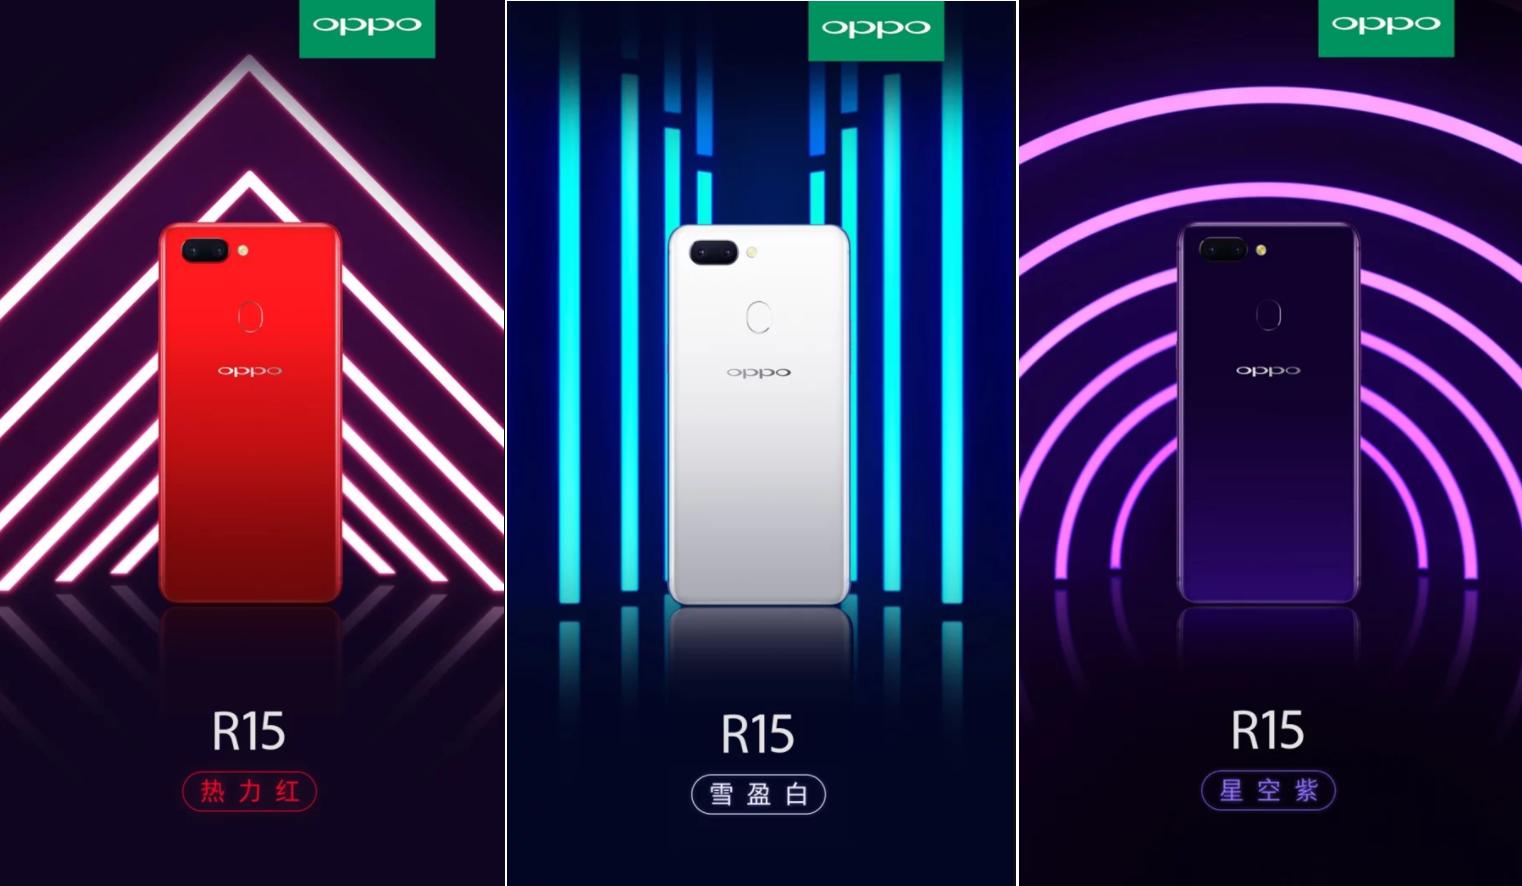 تاریخ رونمایی گوشی Oppo R15 مشخص شد +تصاویر